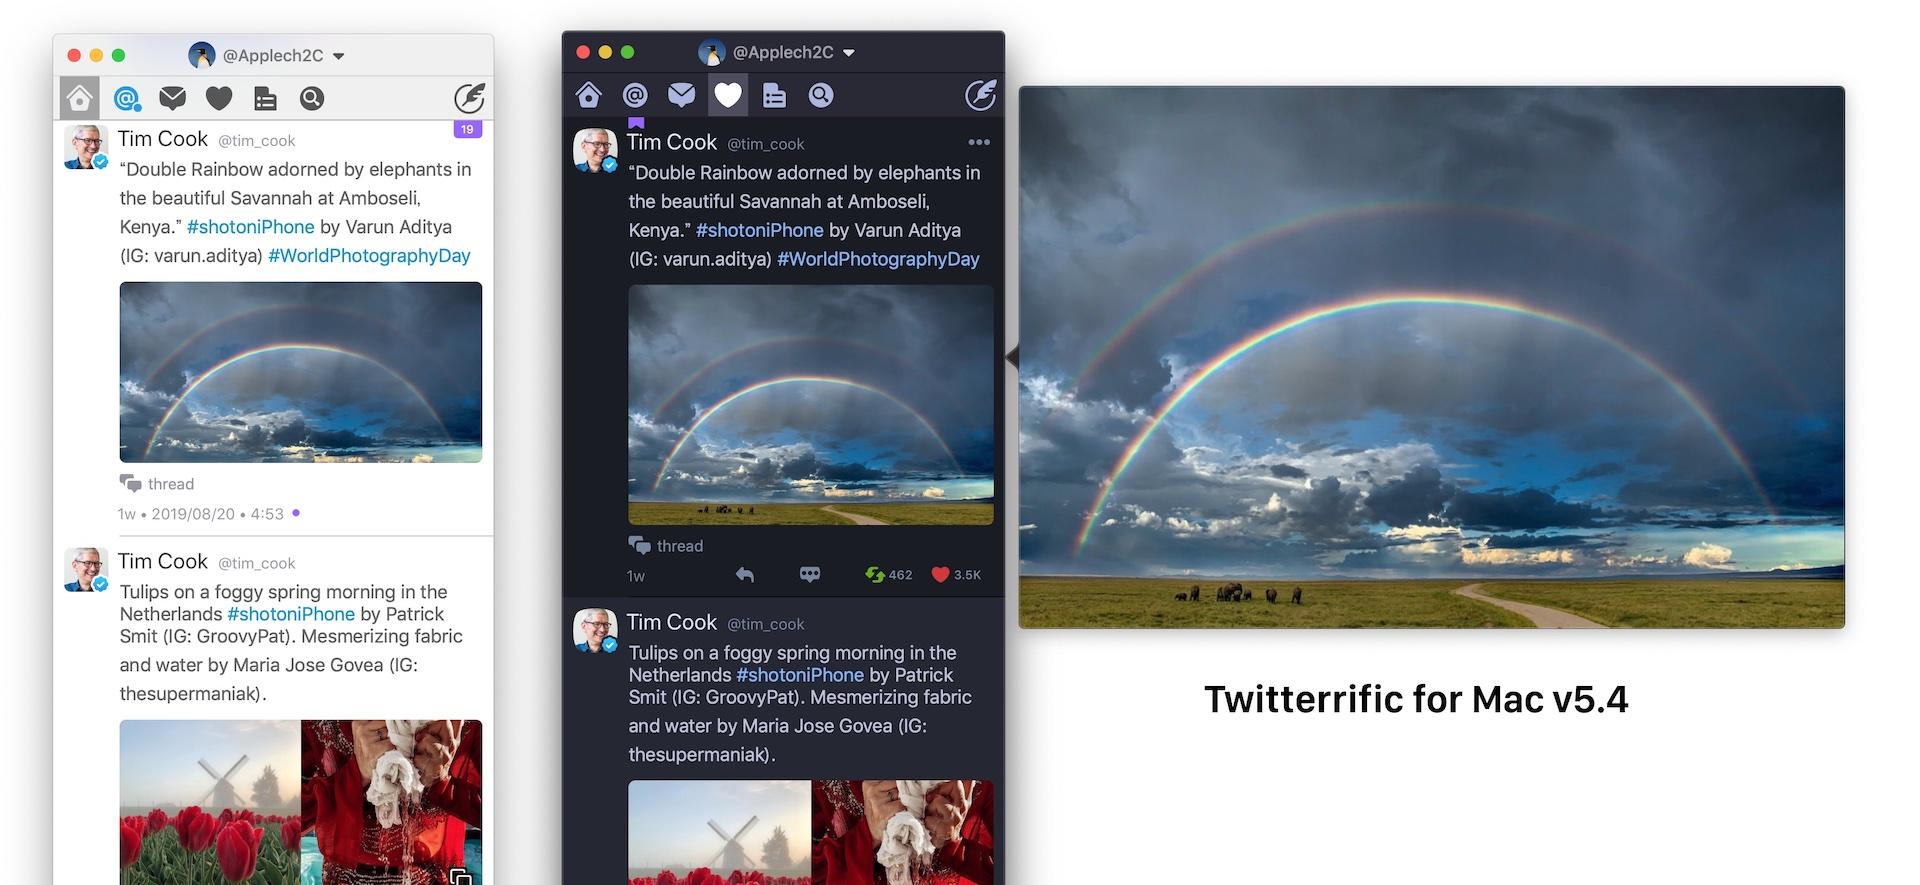 Twitterrific for Macのインラインサムネイルのアスペクト比